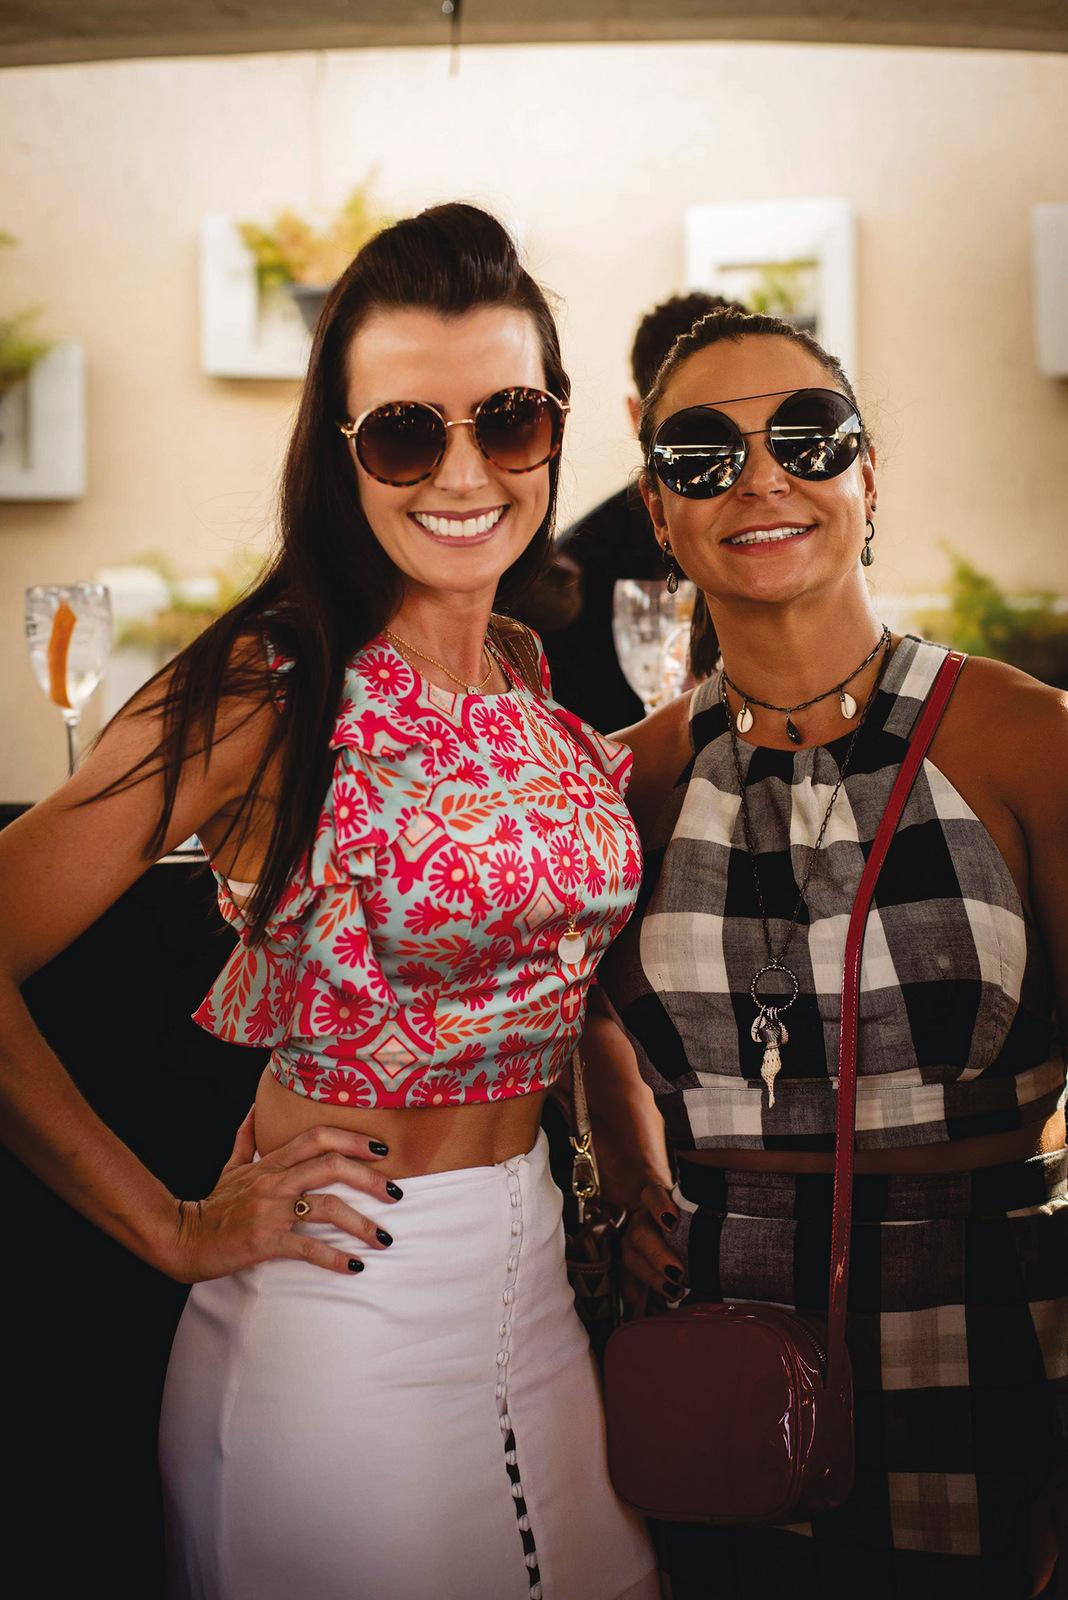 """Camila Vasconcellos e Andréa Rocha clicadas na """"Sky Sunset"""", no terraço do Victory Hotel Foto: Sula Miana"""